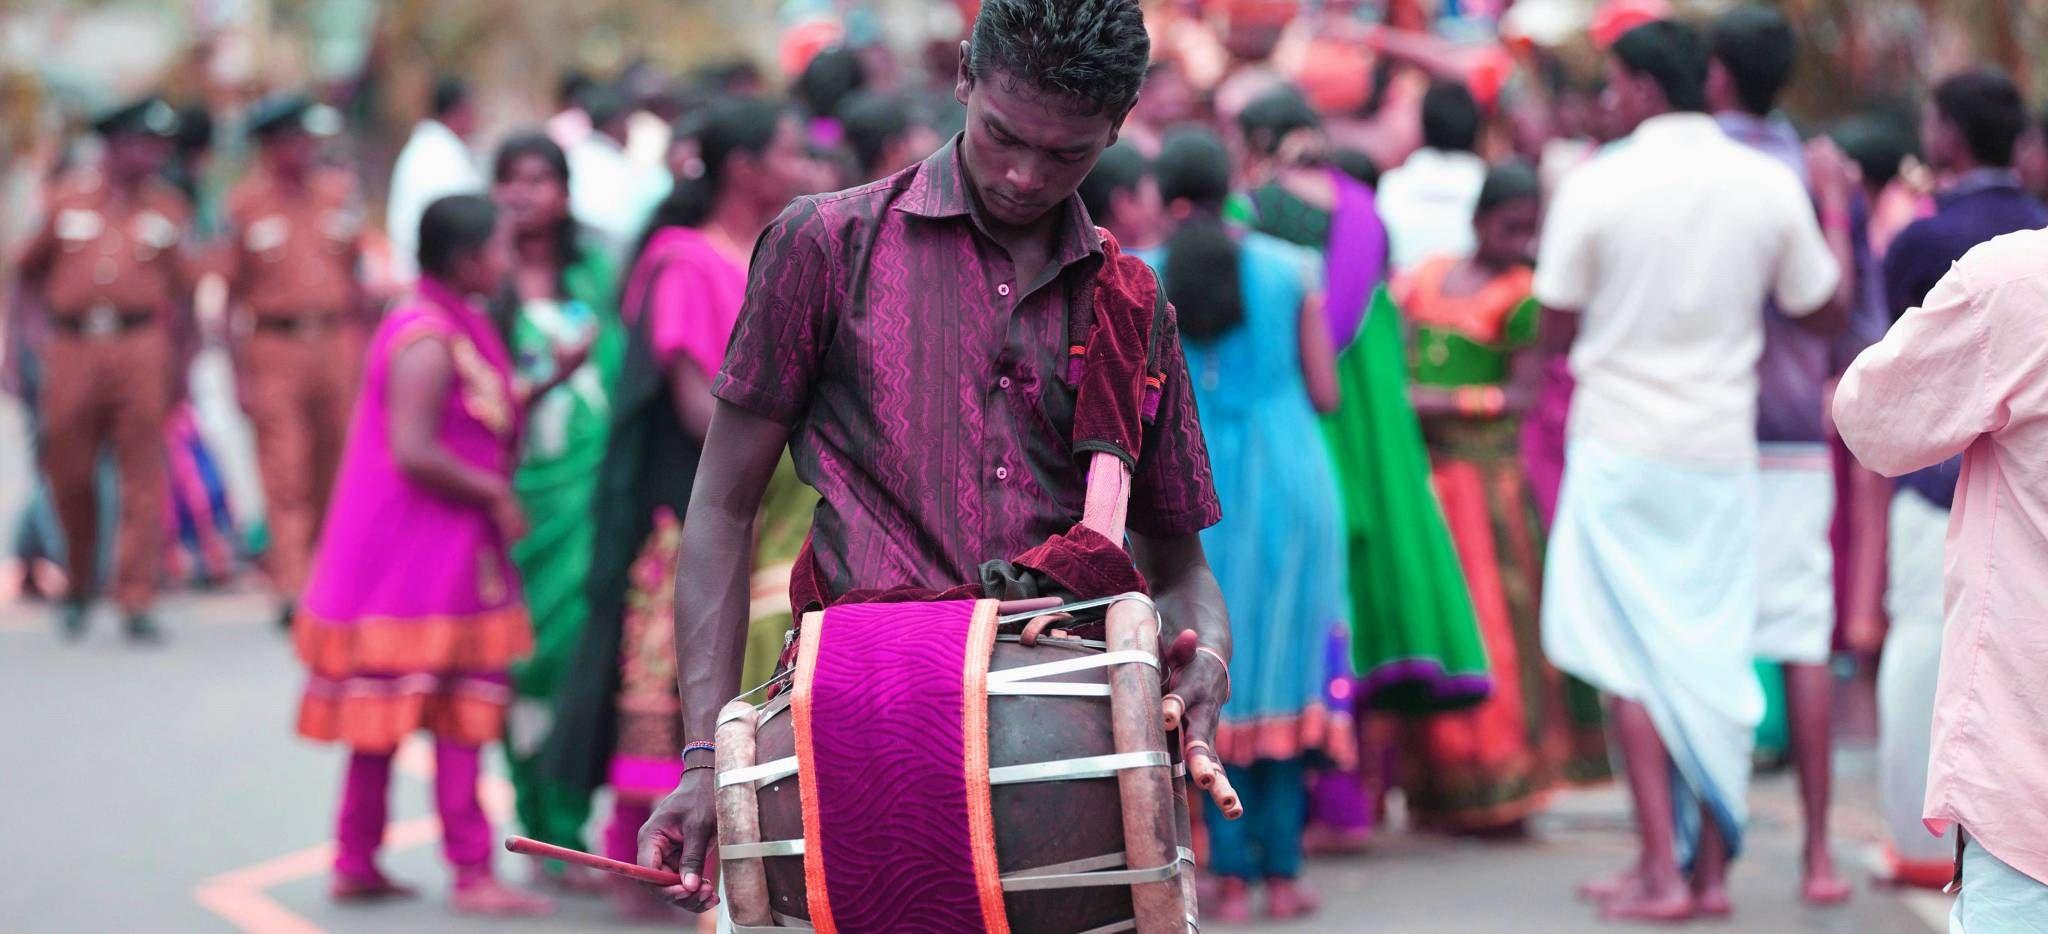 Trommler in farbenfroher Kleidung auf einem Straßenfest auf Sri Lanka